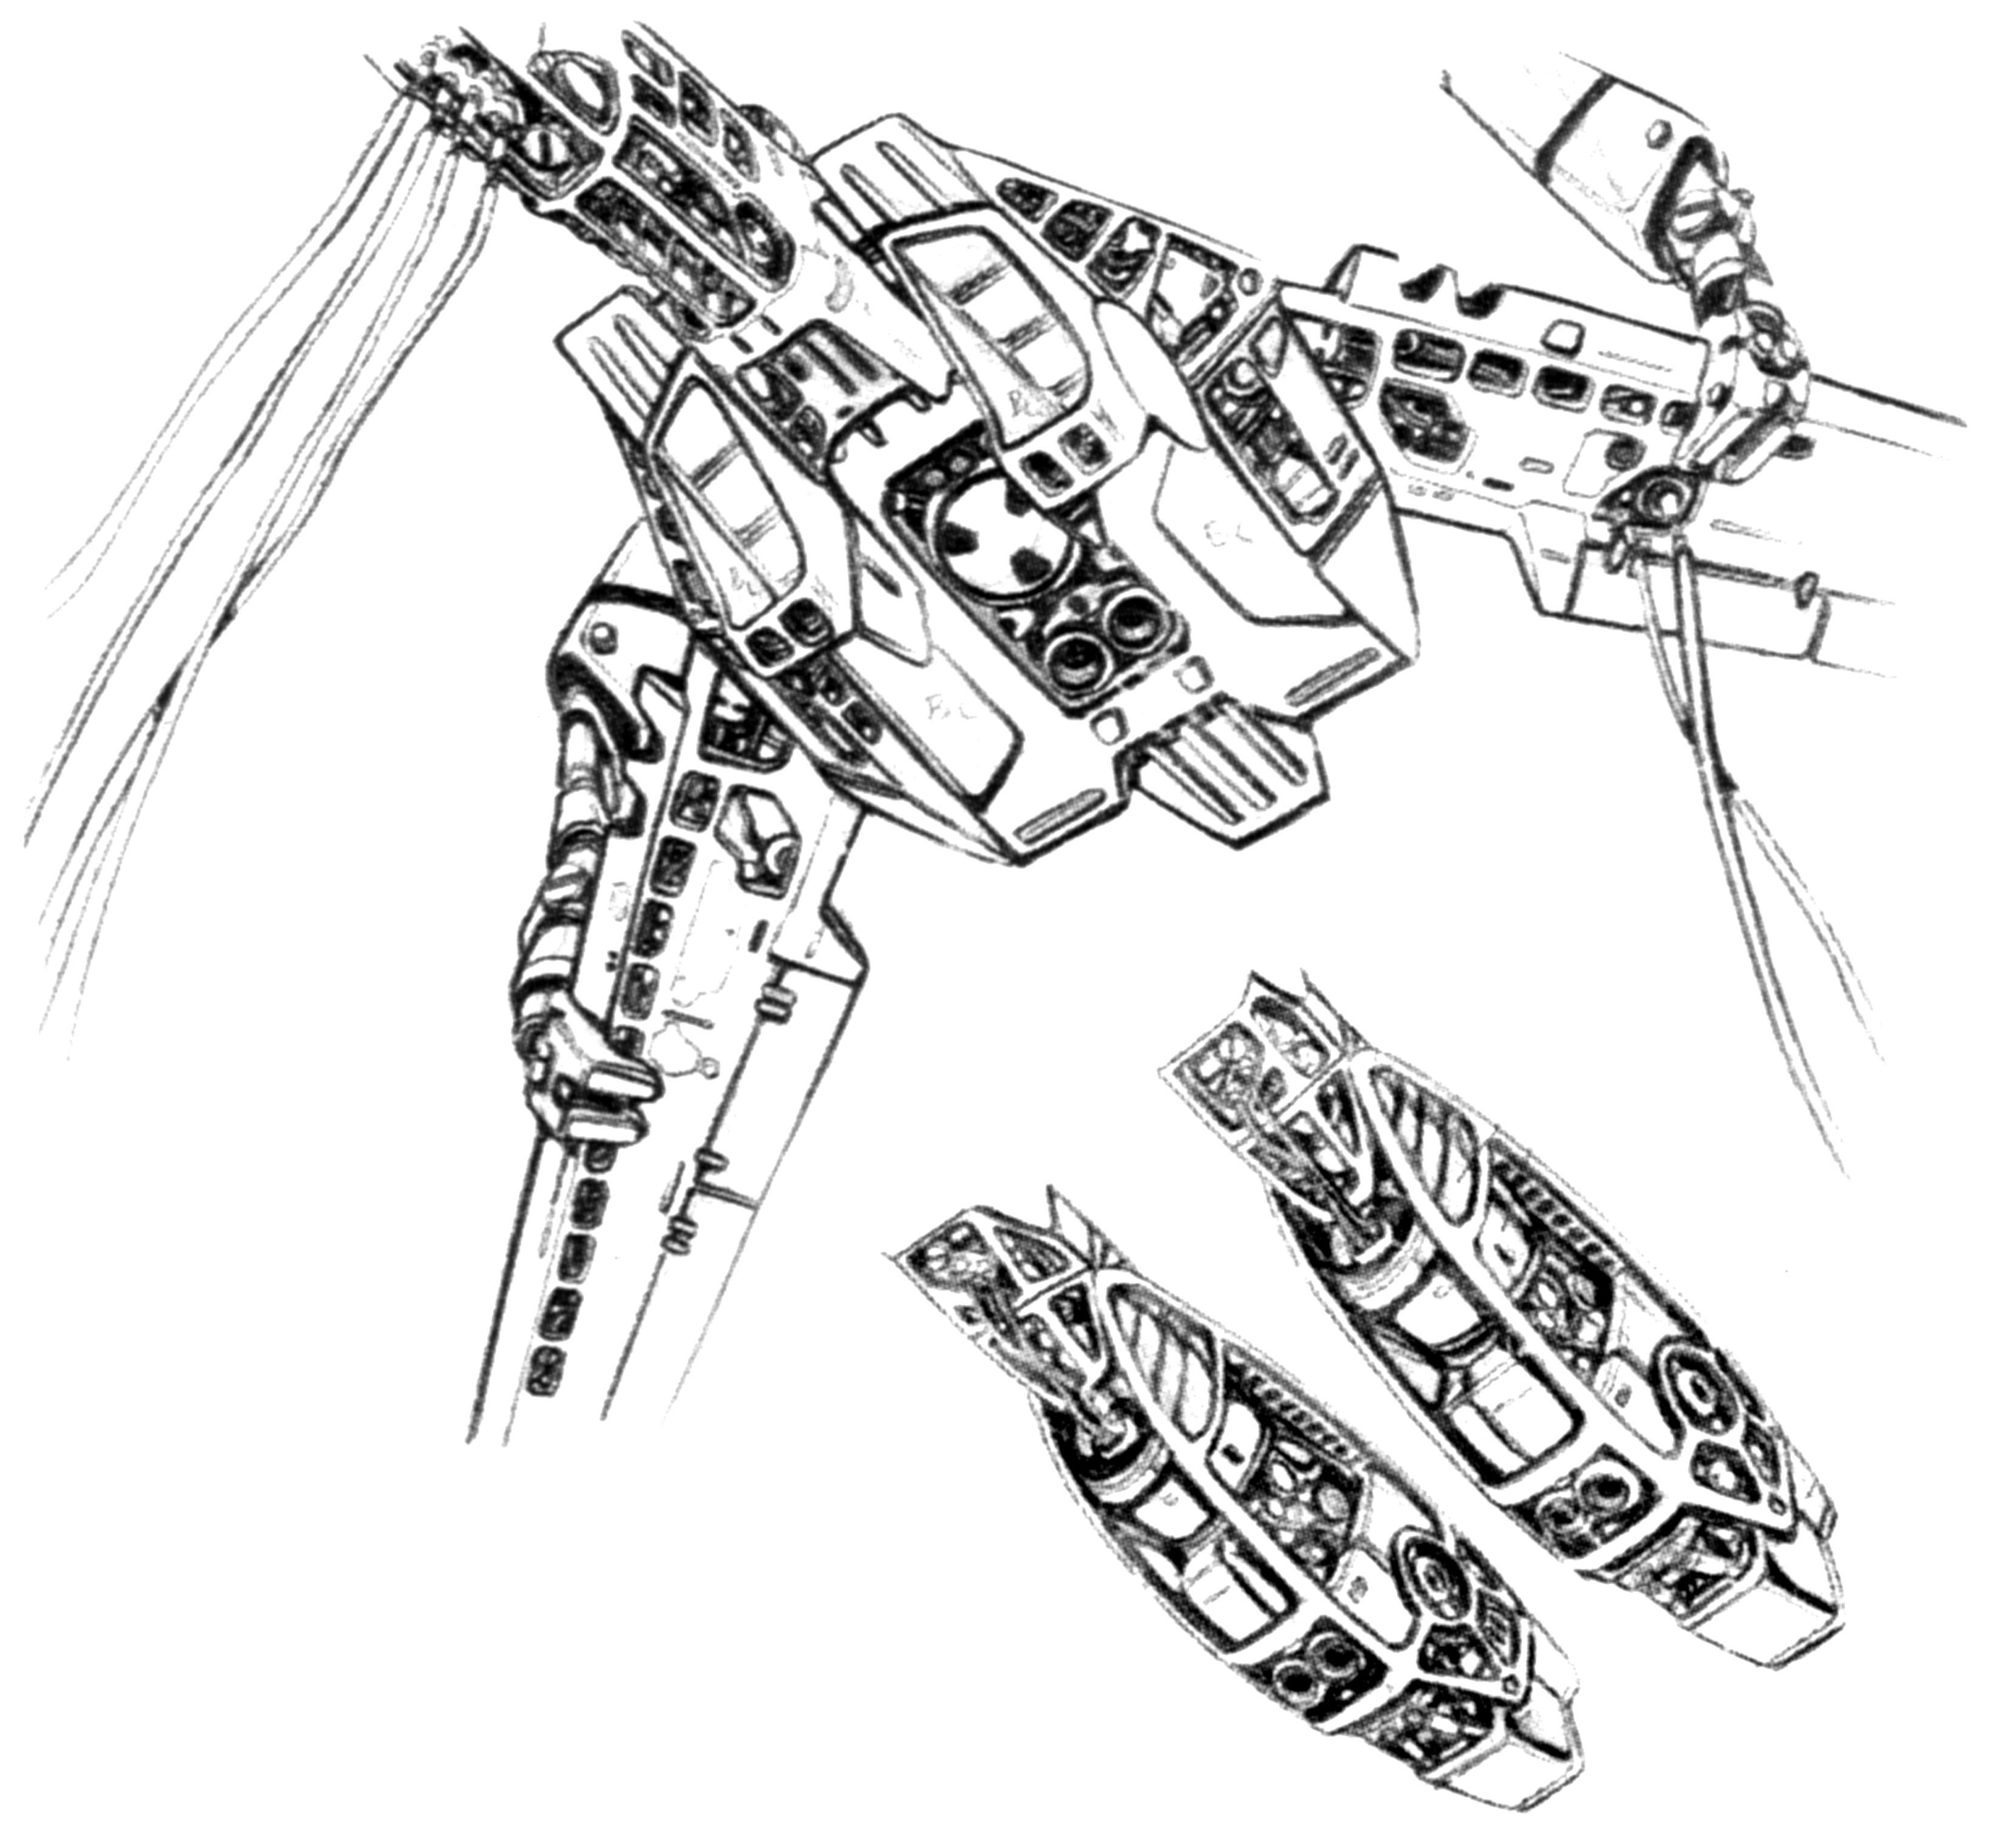 Vf 1 Valkyrie Veritech Fighter Technical Illustrations